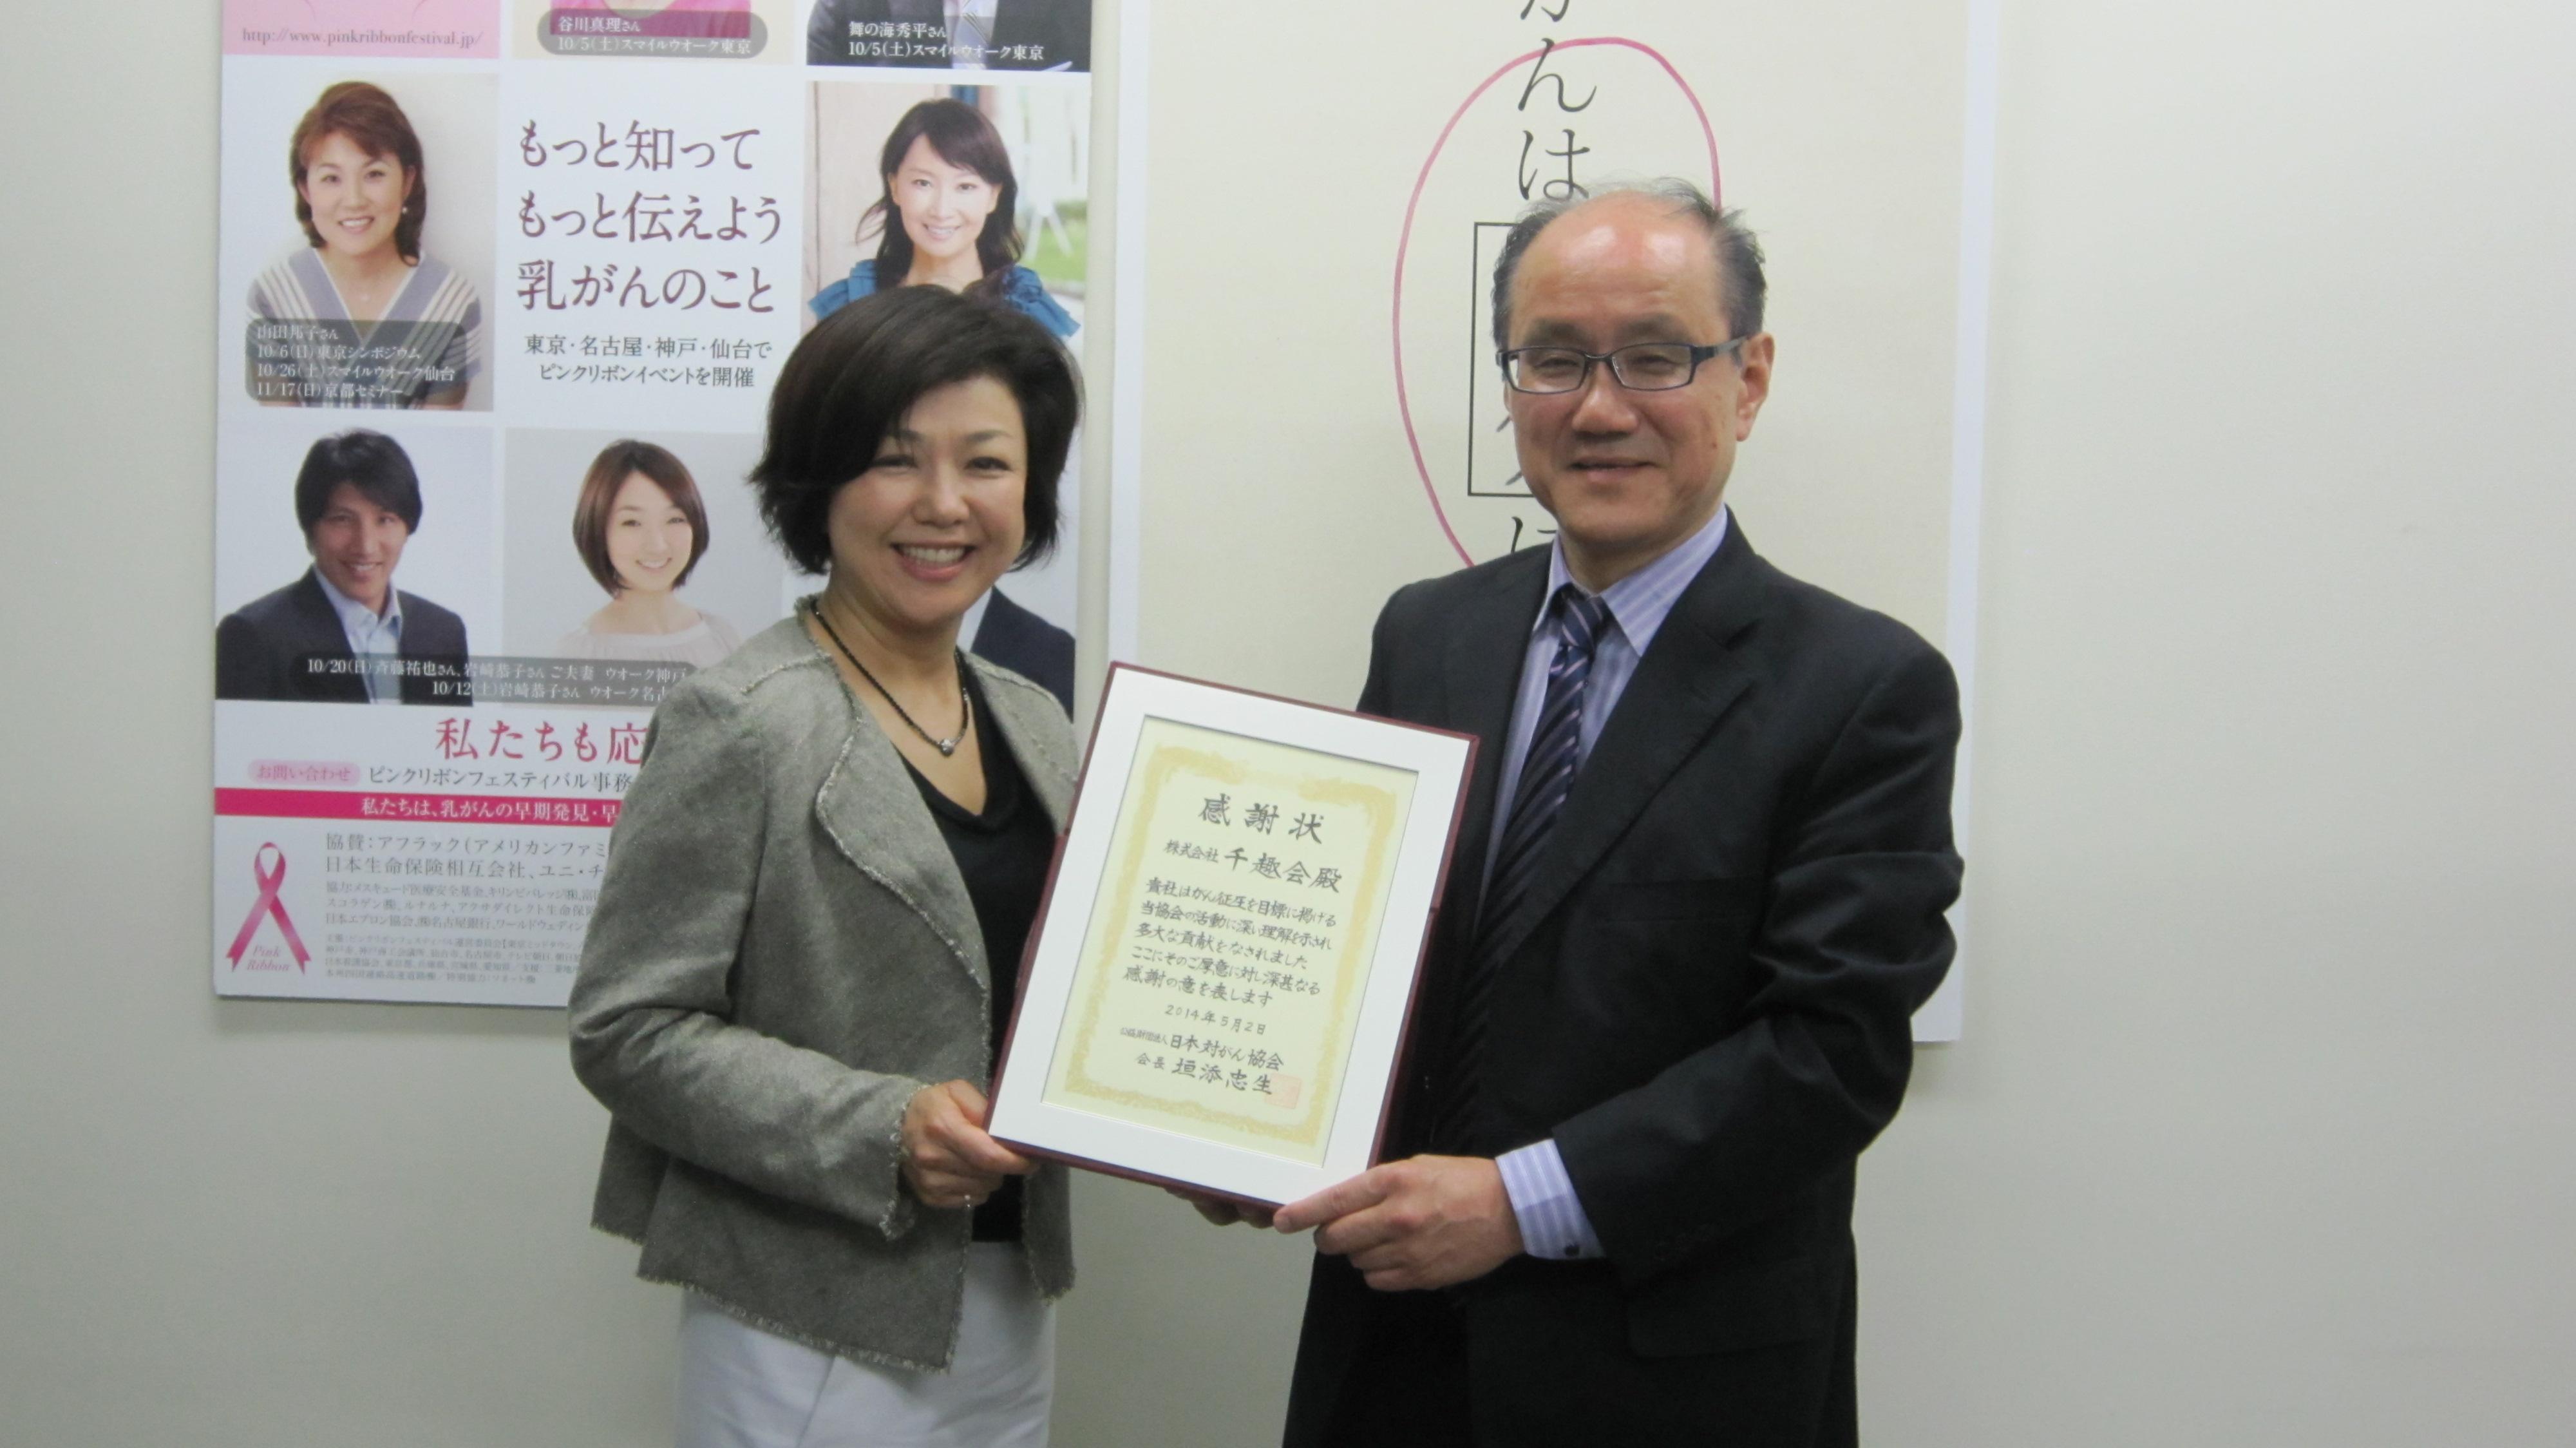 千趣会・加藤千香広報部長と日本対がん協会・塩見知司事務局長